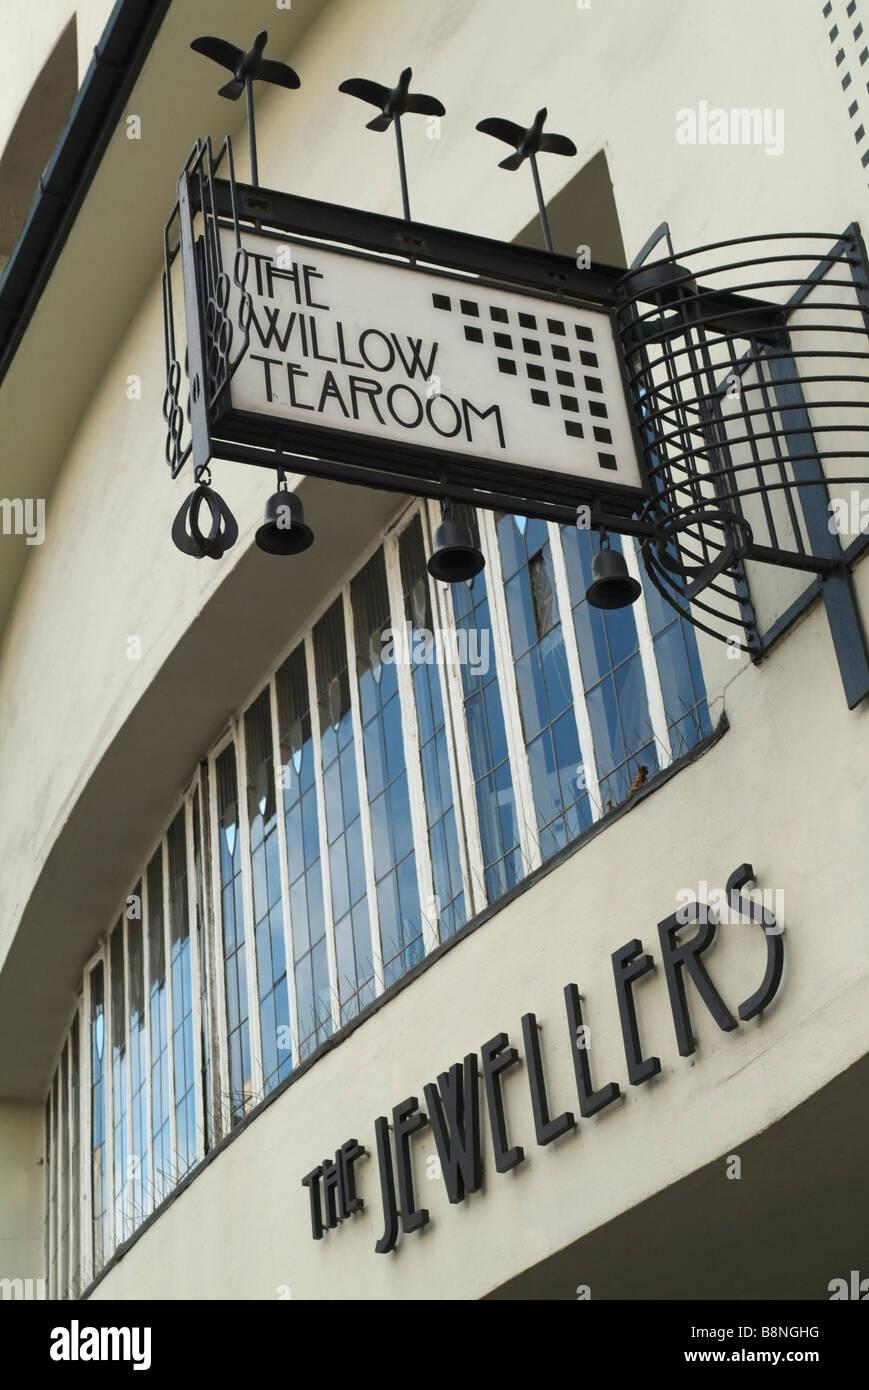 The Willow Tea Rooms in Sauchiehall Street, Glasgow, Scotland. Stock Photo